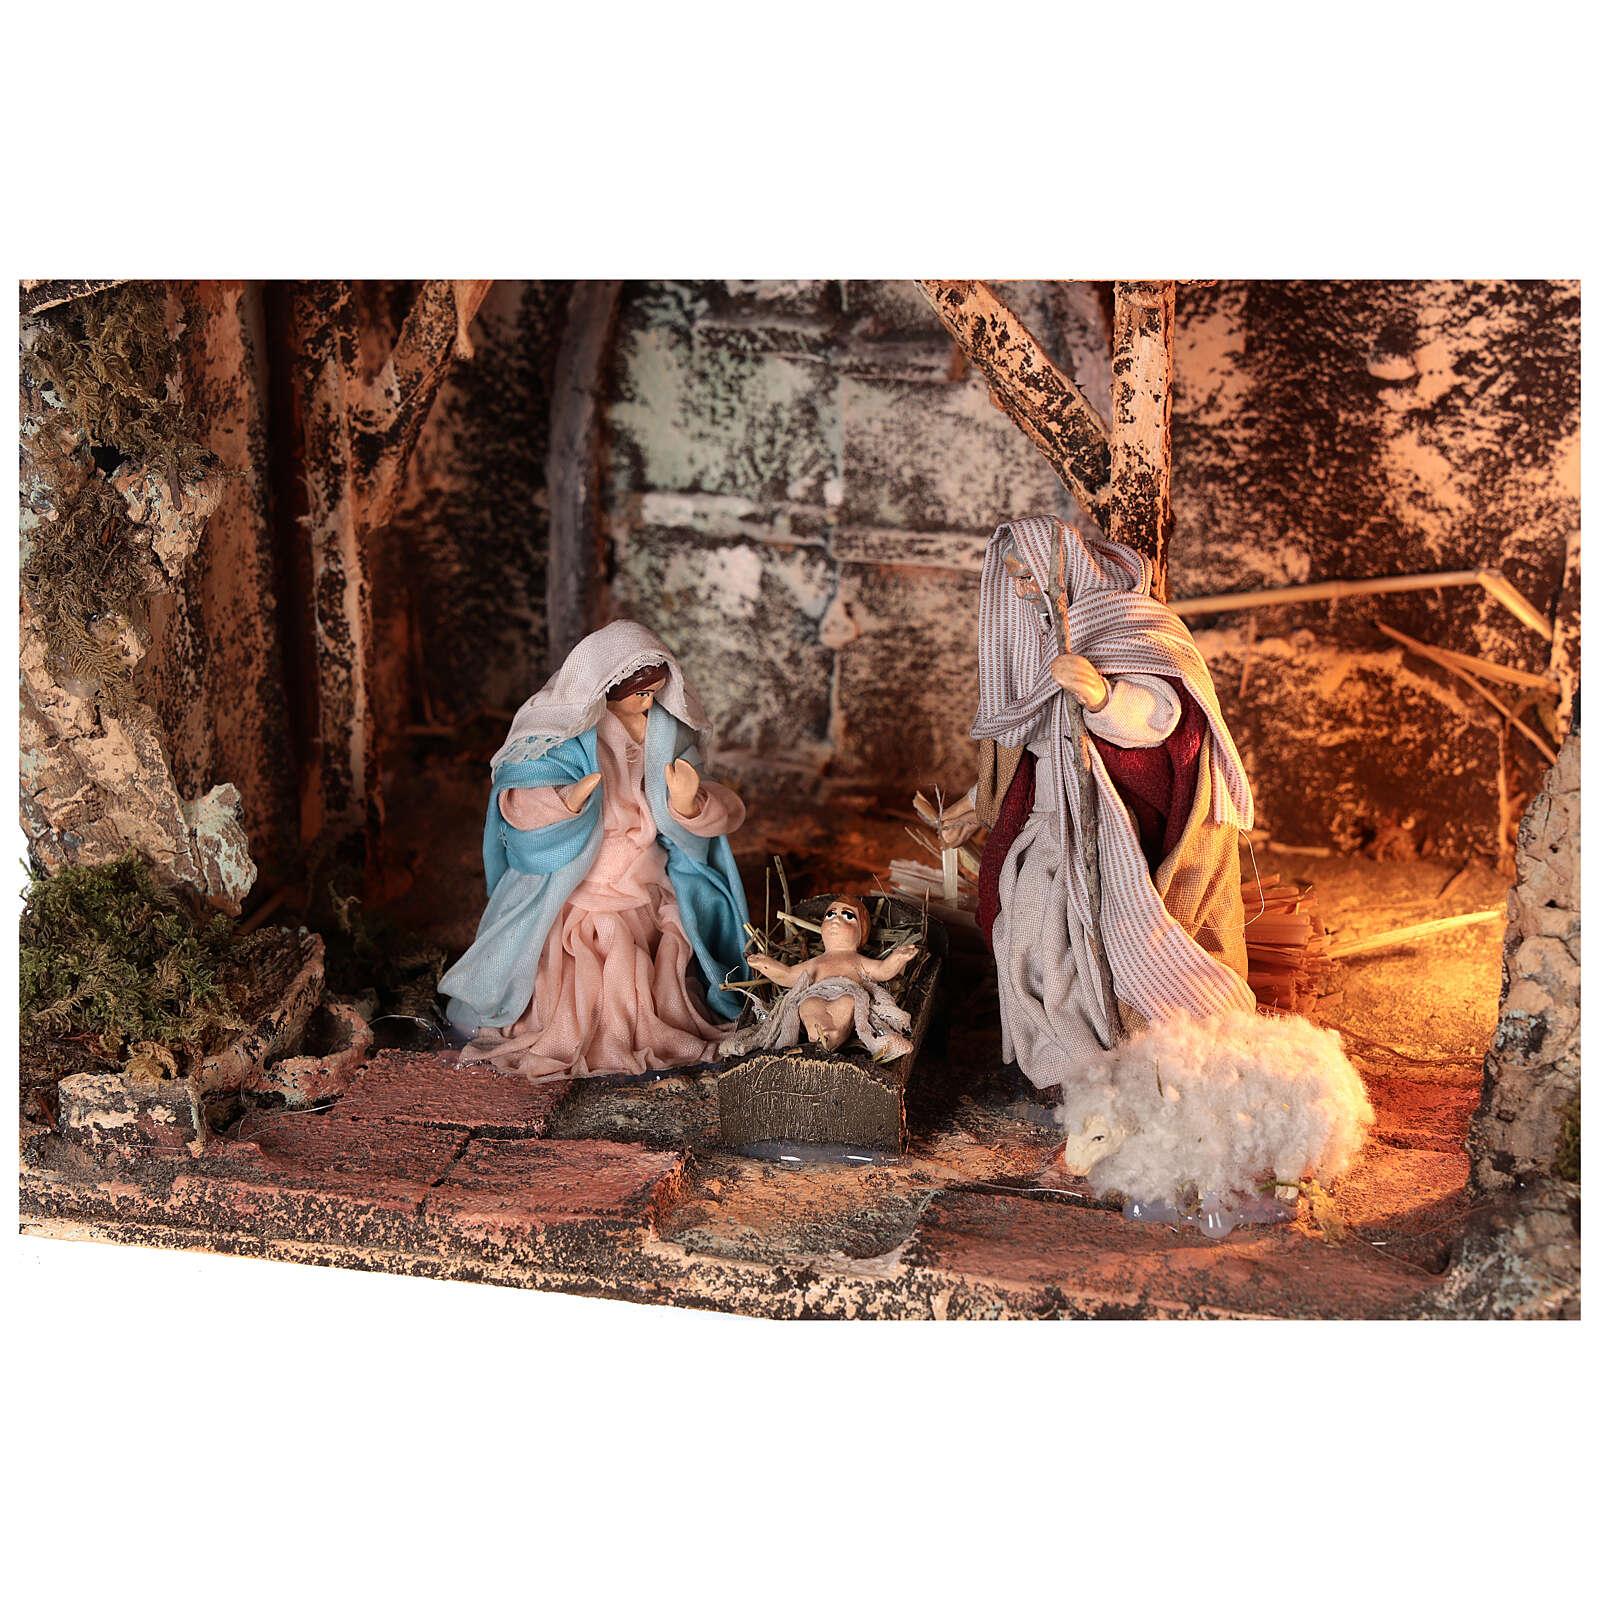 Cabana Sagrada Família presépio napolitano figuras terracota e tecido altura média 10 cm; medidas: 22x30x20 cm 4